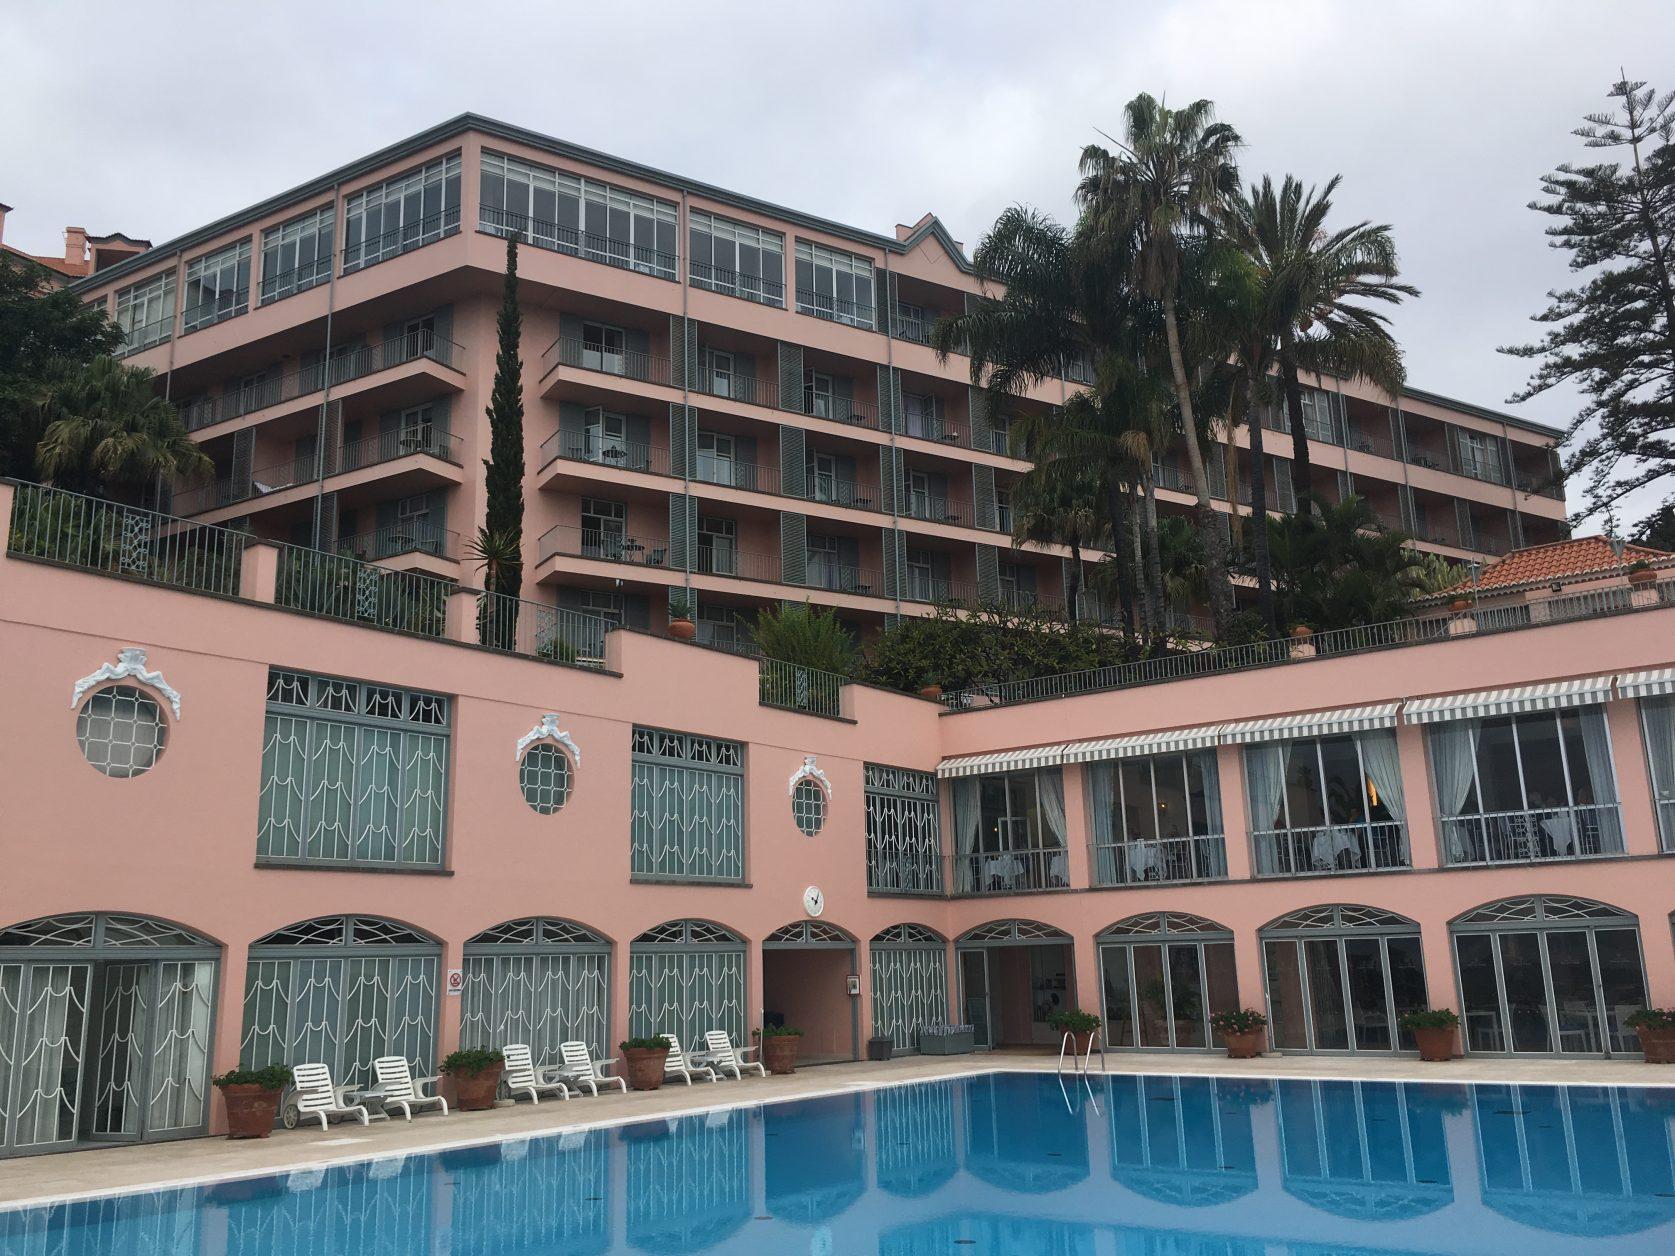 Das legendäre Reids Hotel in Funchal gehört zu den besten Hotels weltweit, Foto: D.Weirauch